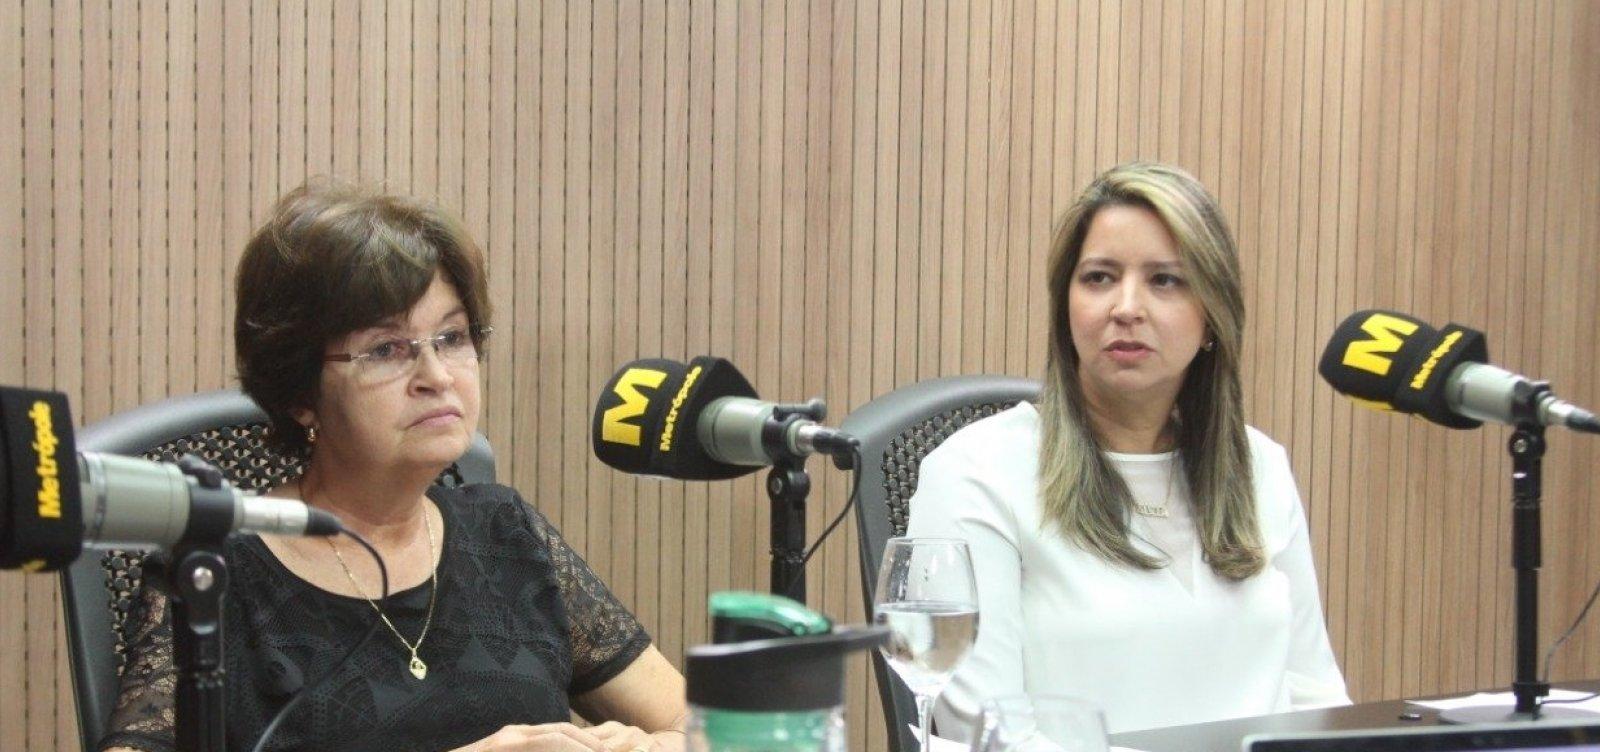 [Superintendente diz que déficit da instituição Irmã Dulce pode chegar a R$ 10 milhões]